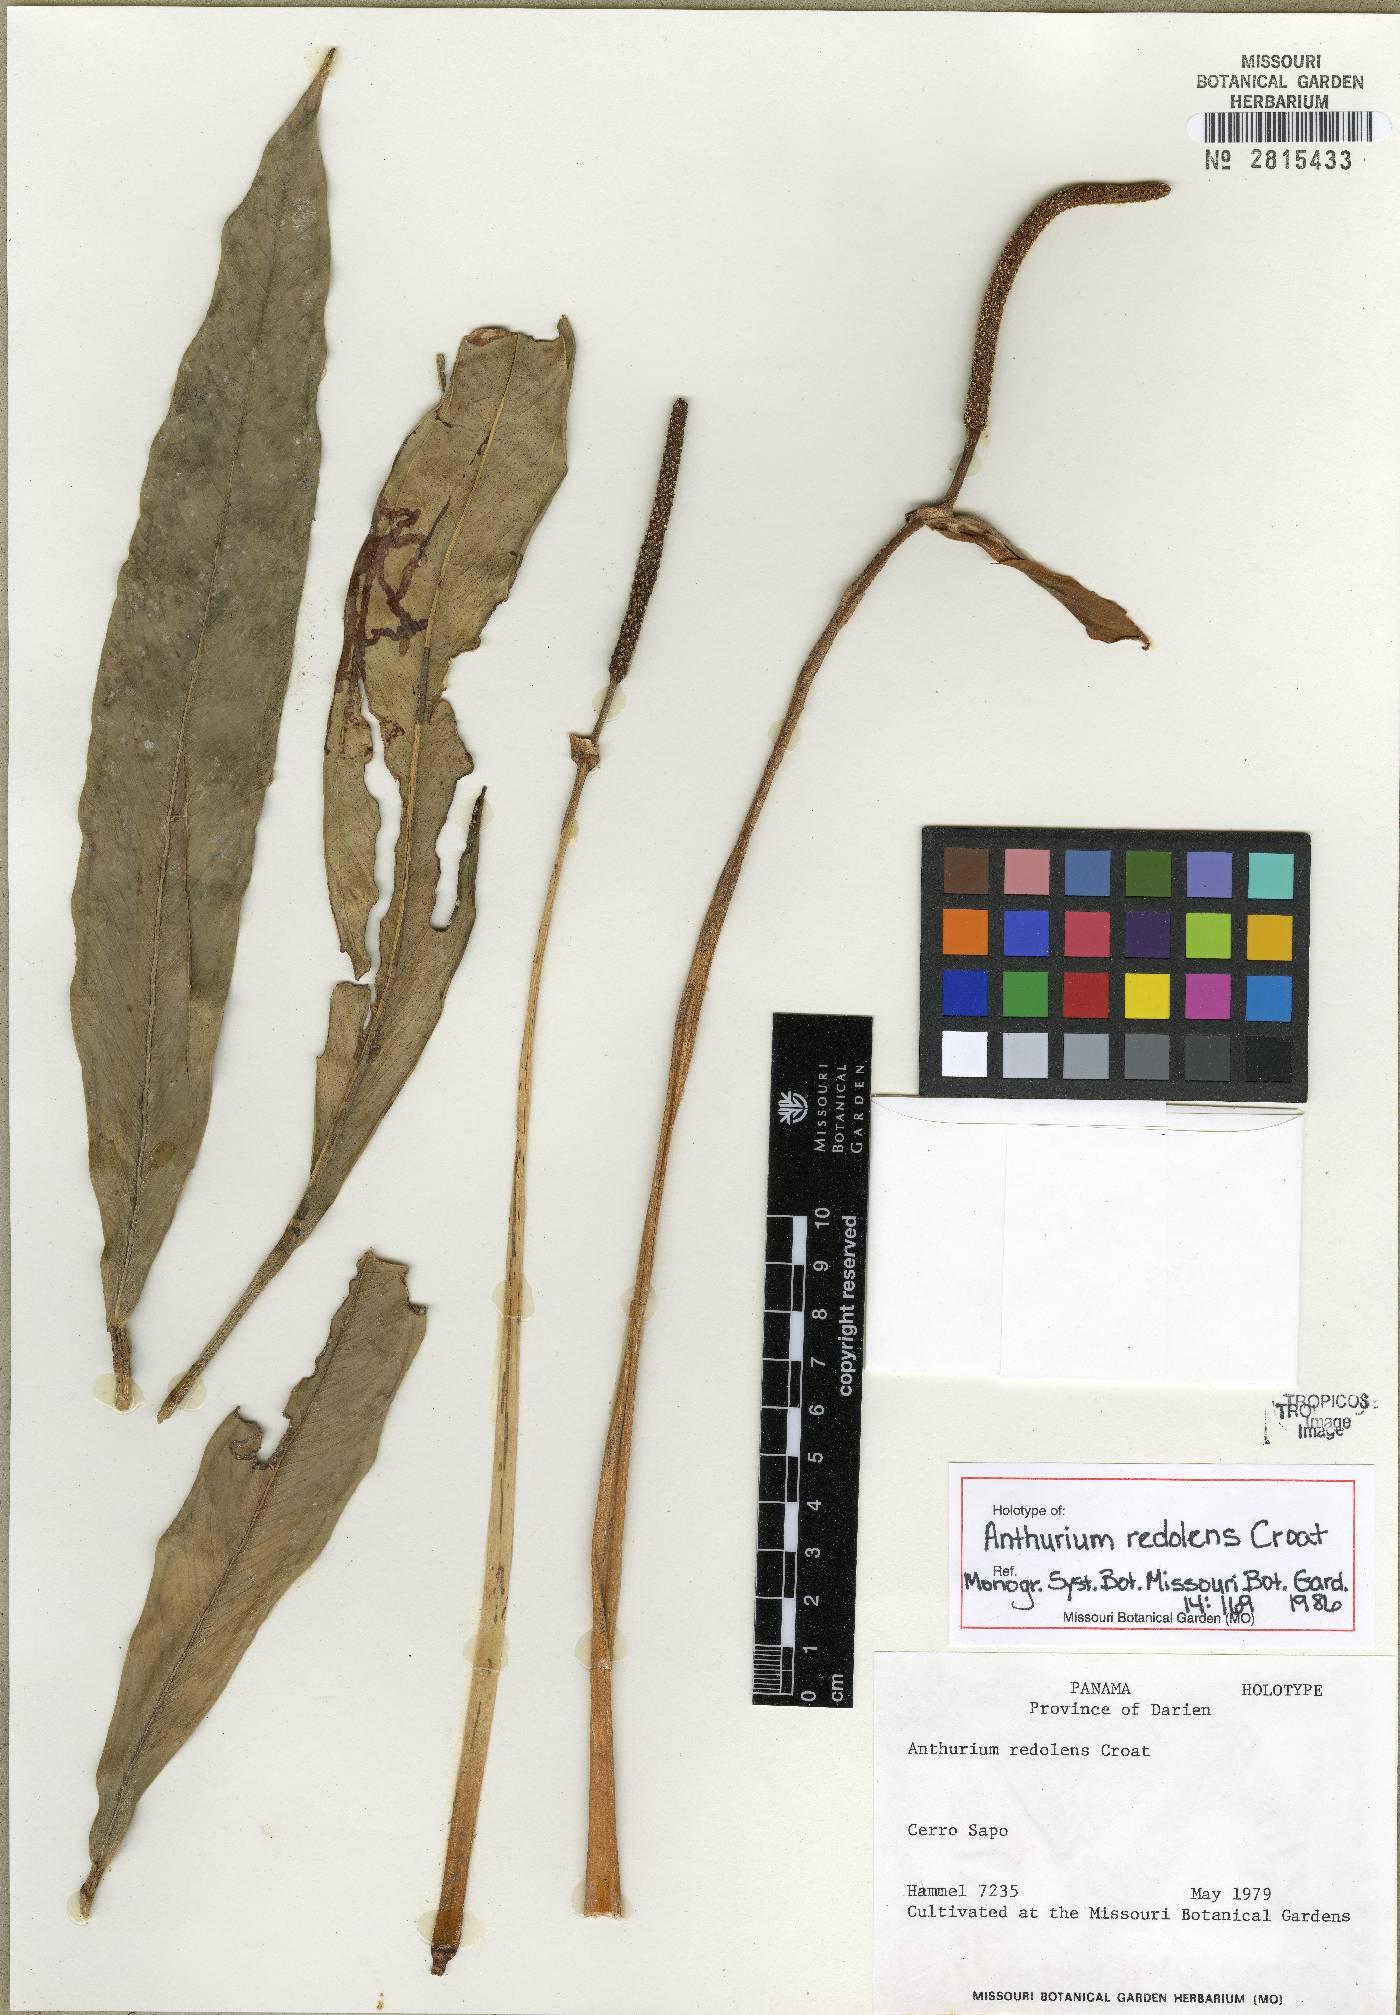 Anthurium redolens image